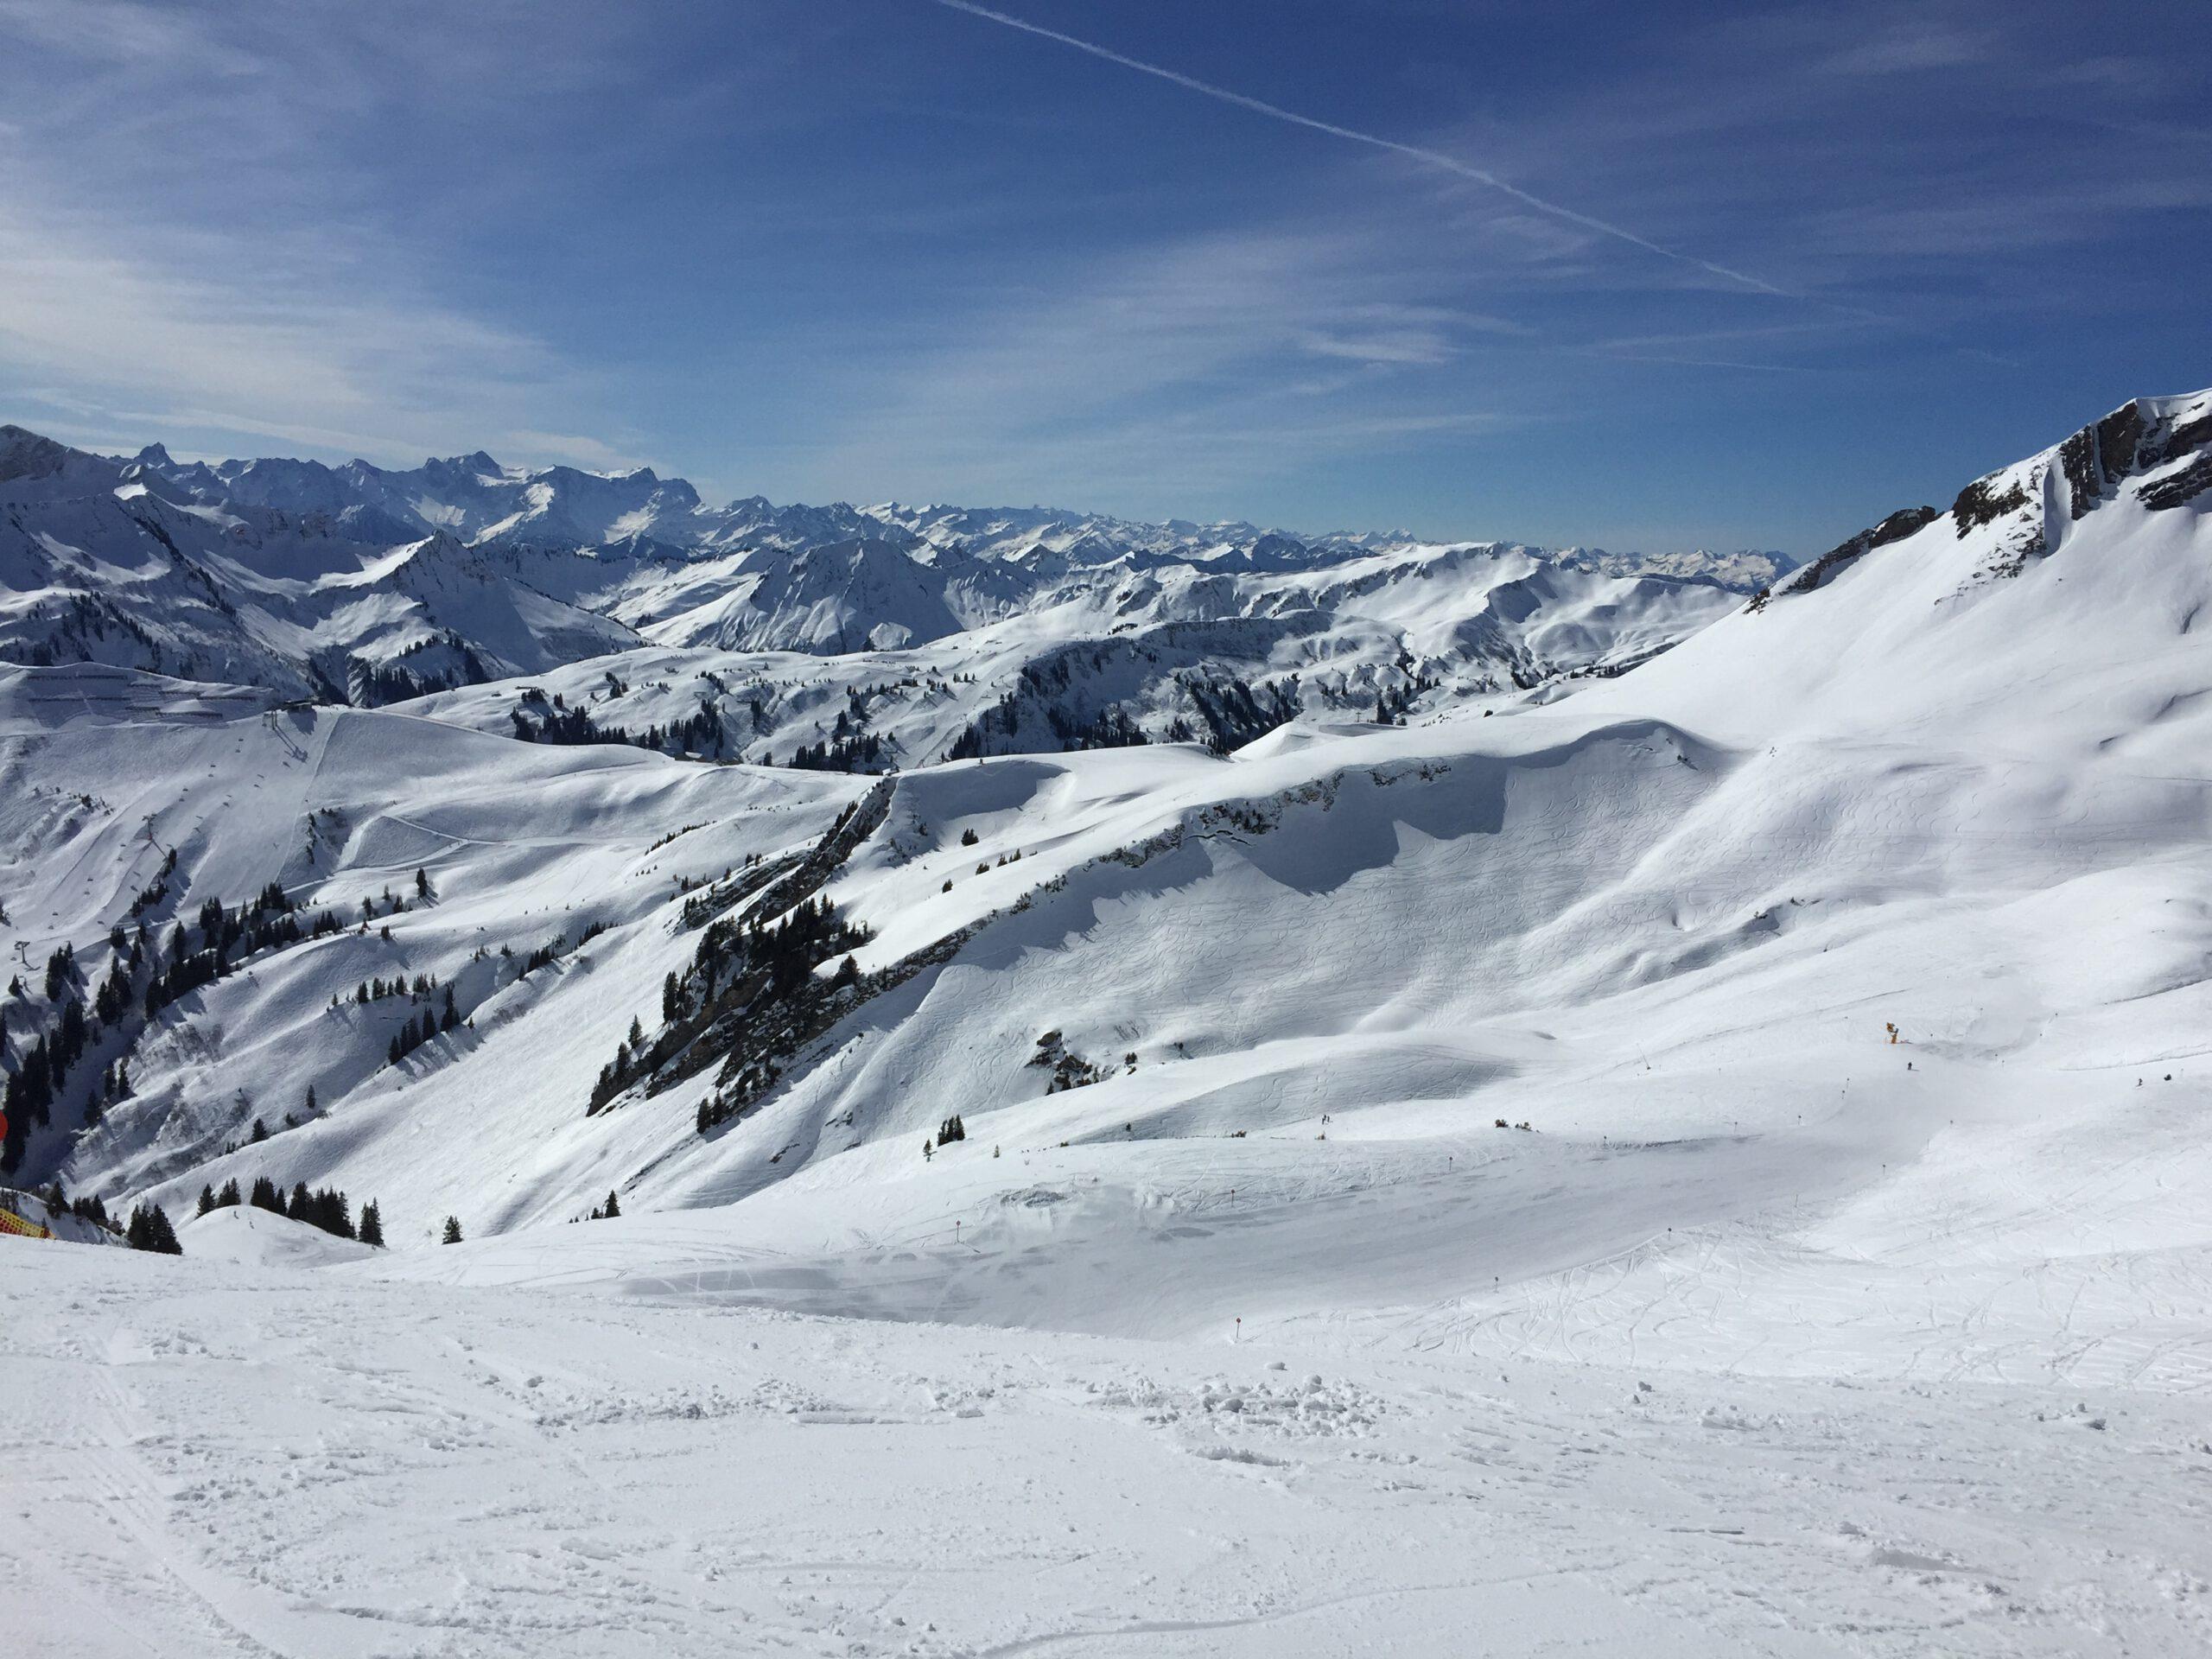 Der Blick über schneebedeckte Berge und grenzenlose Weiten öffnen mir das Herz.